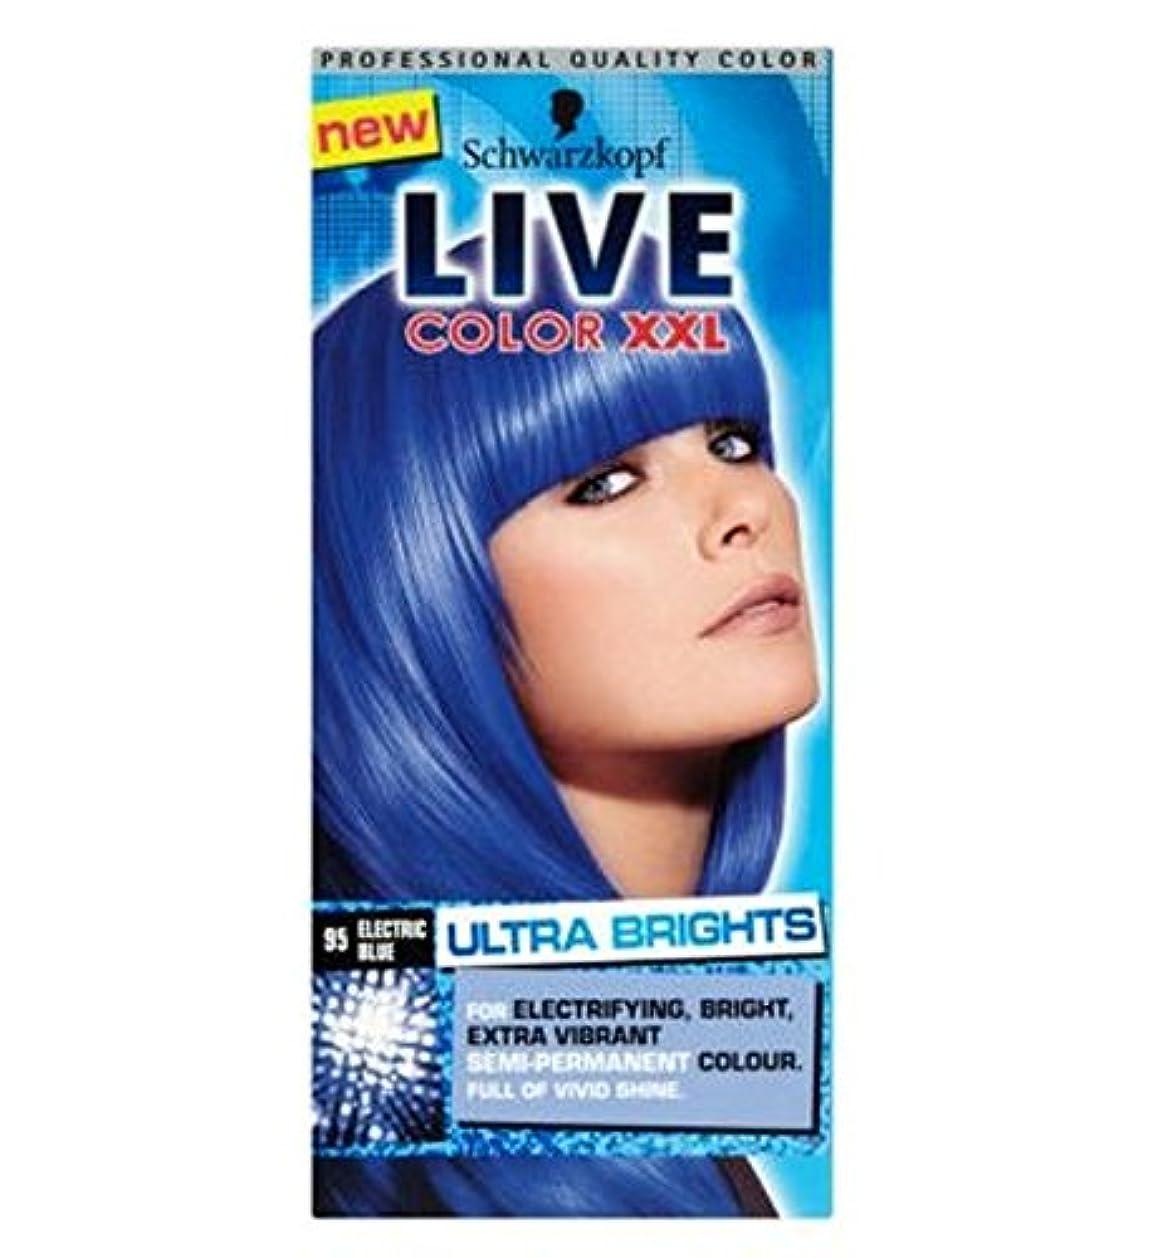 方法出版下位Schwarzkopf LIVE Color XXL Ultra Brights 95 Electric Blue Semi-Permanent Blue Hair Dye - シュワルツコフライブカラーXxl超輝95エレクトリックブルー...